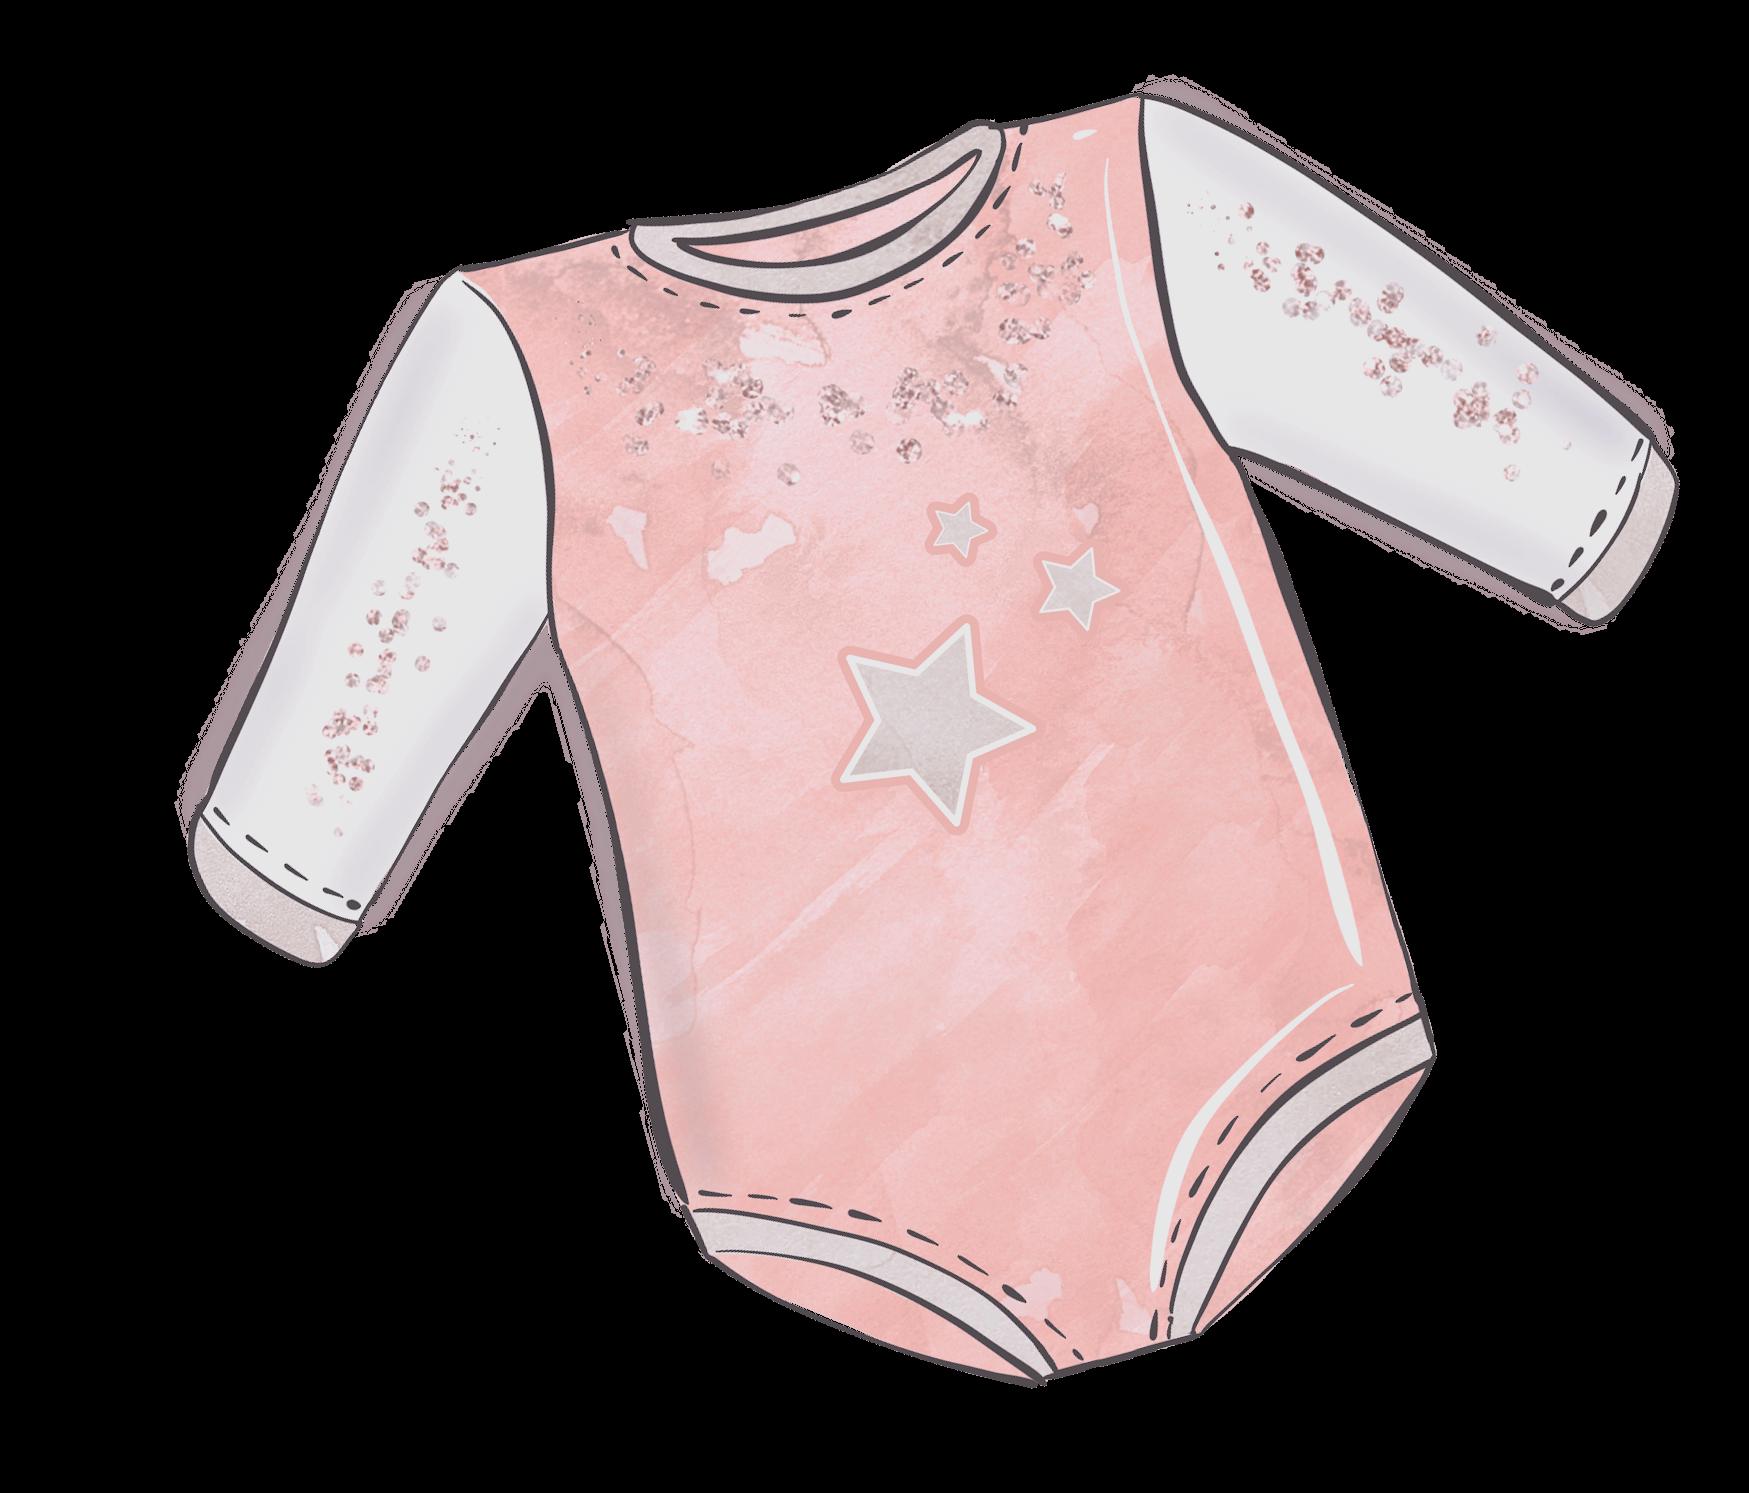 Tamanho de Roupa de Bebê Como Medir, Medida Média, Dicas para Acertar a Medição 2